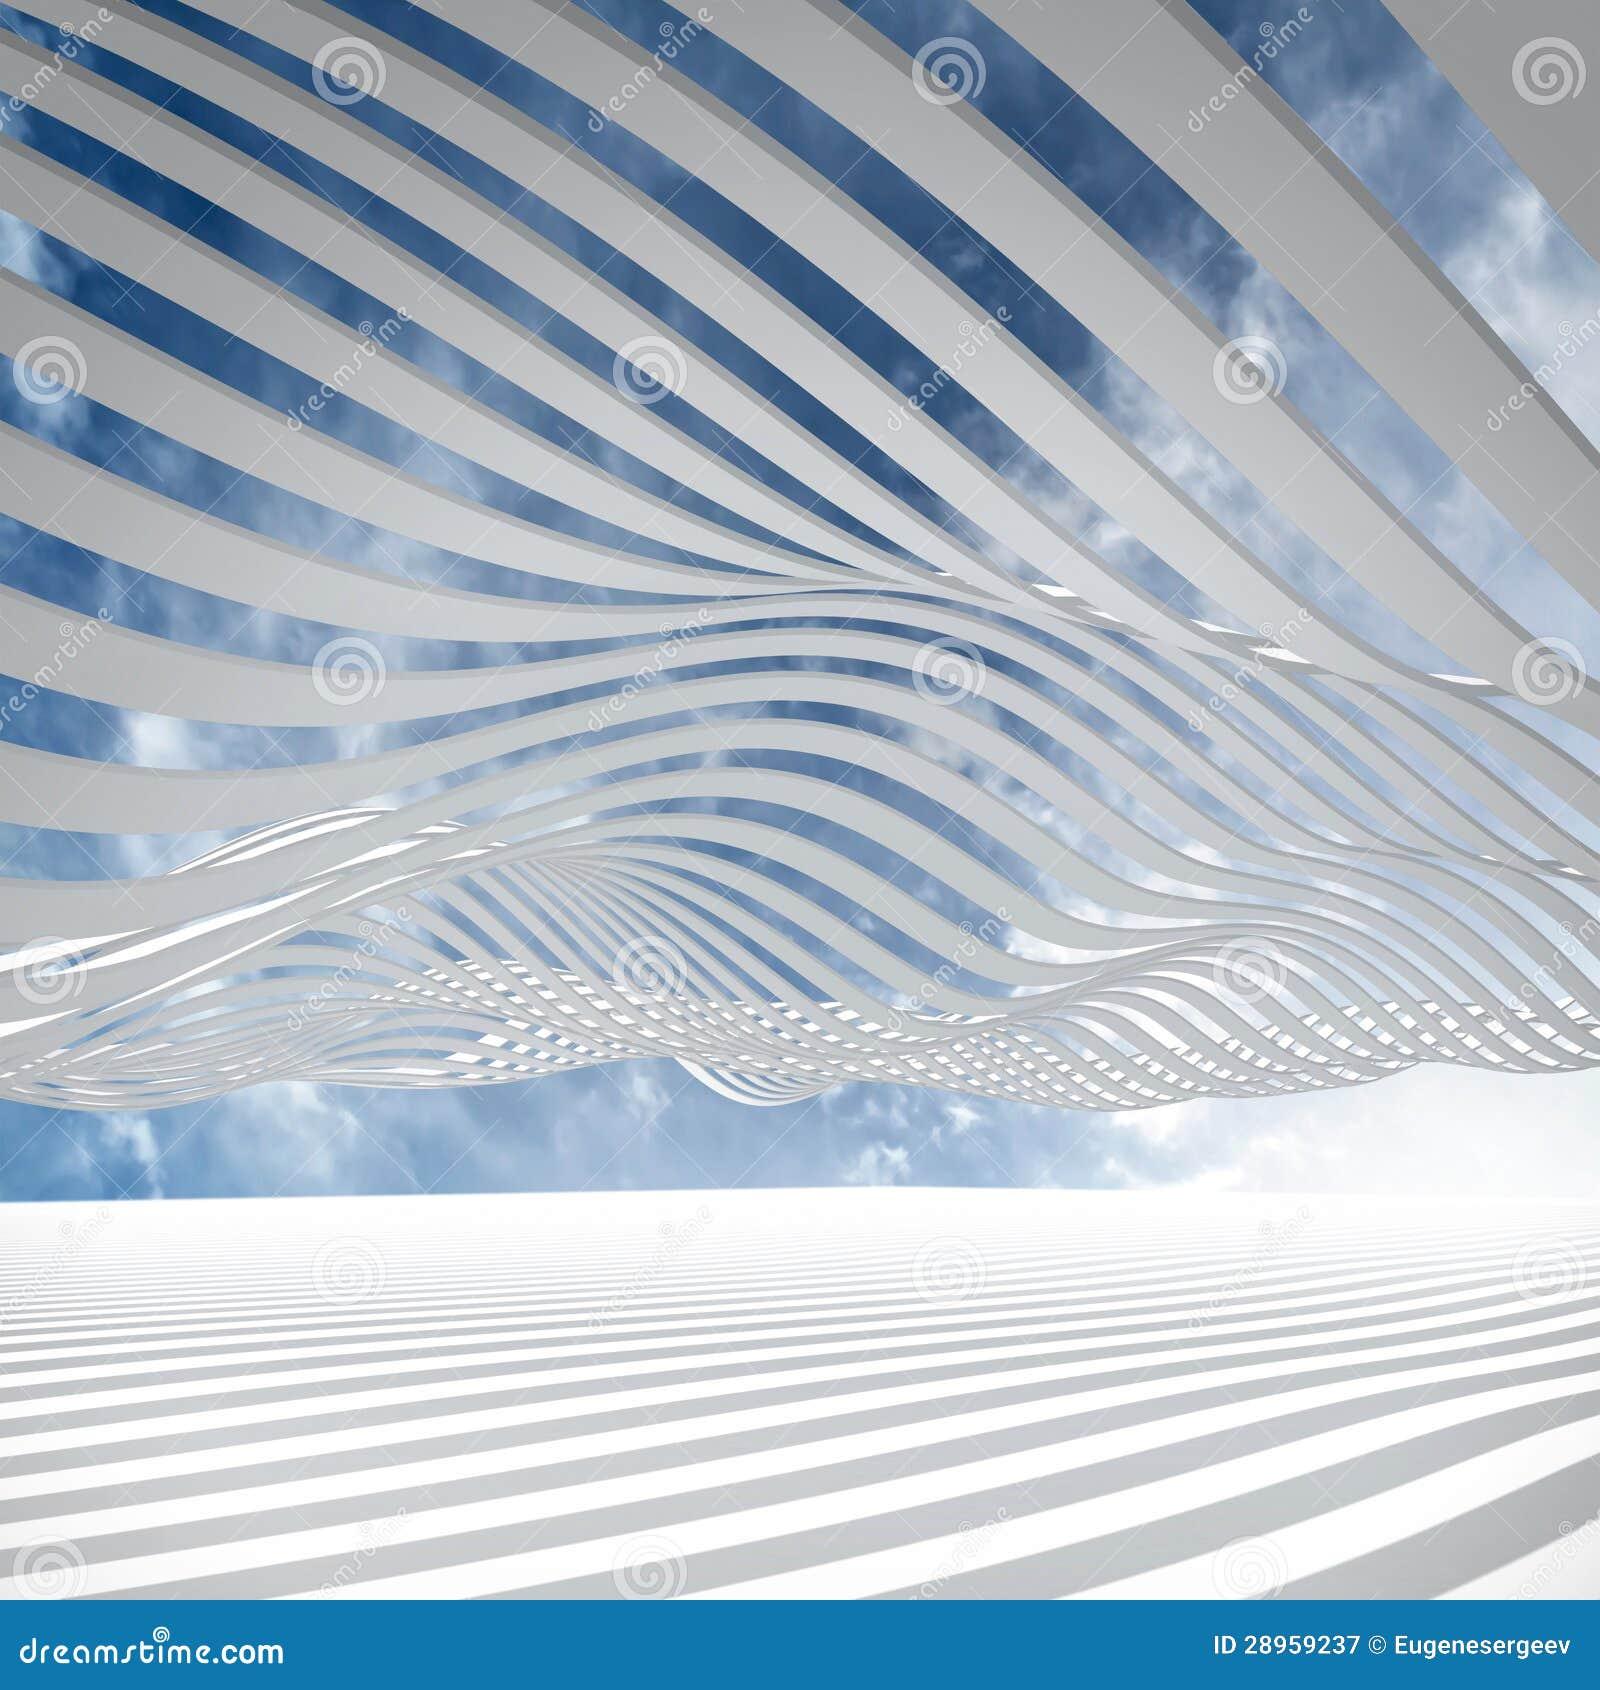 Fondo astratto di architettura 3d illustrazione di stock for Architettura 3d